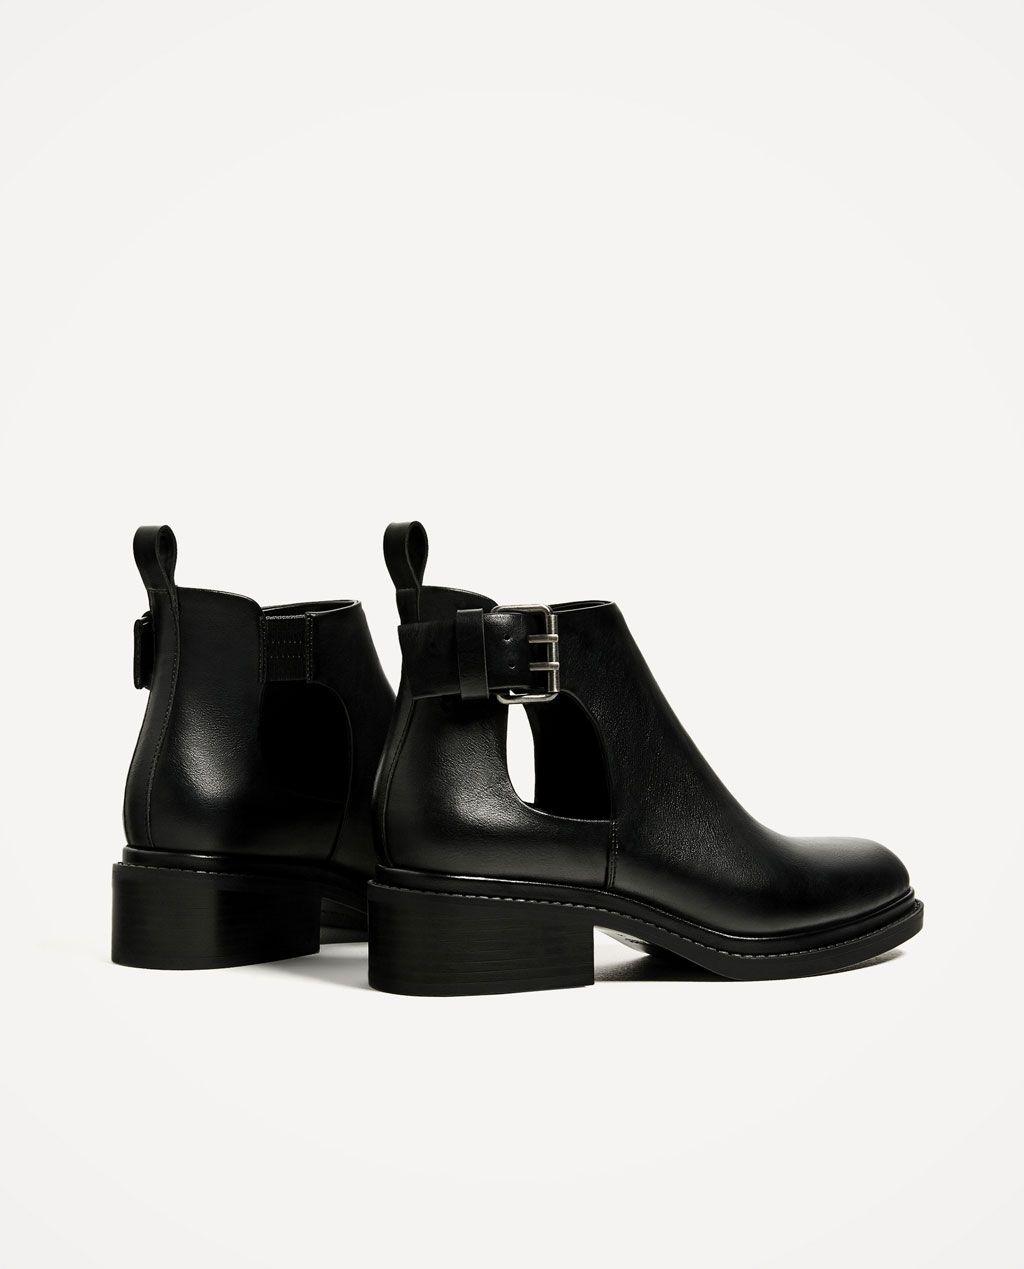 Elegante Mujer Zapatos Zara Botín negro plano con poco tacón